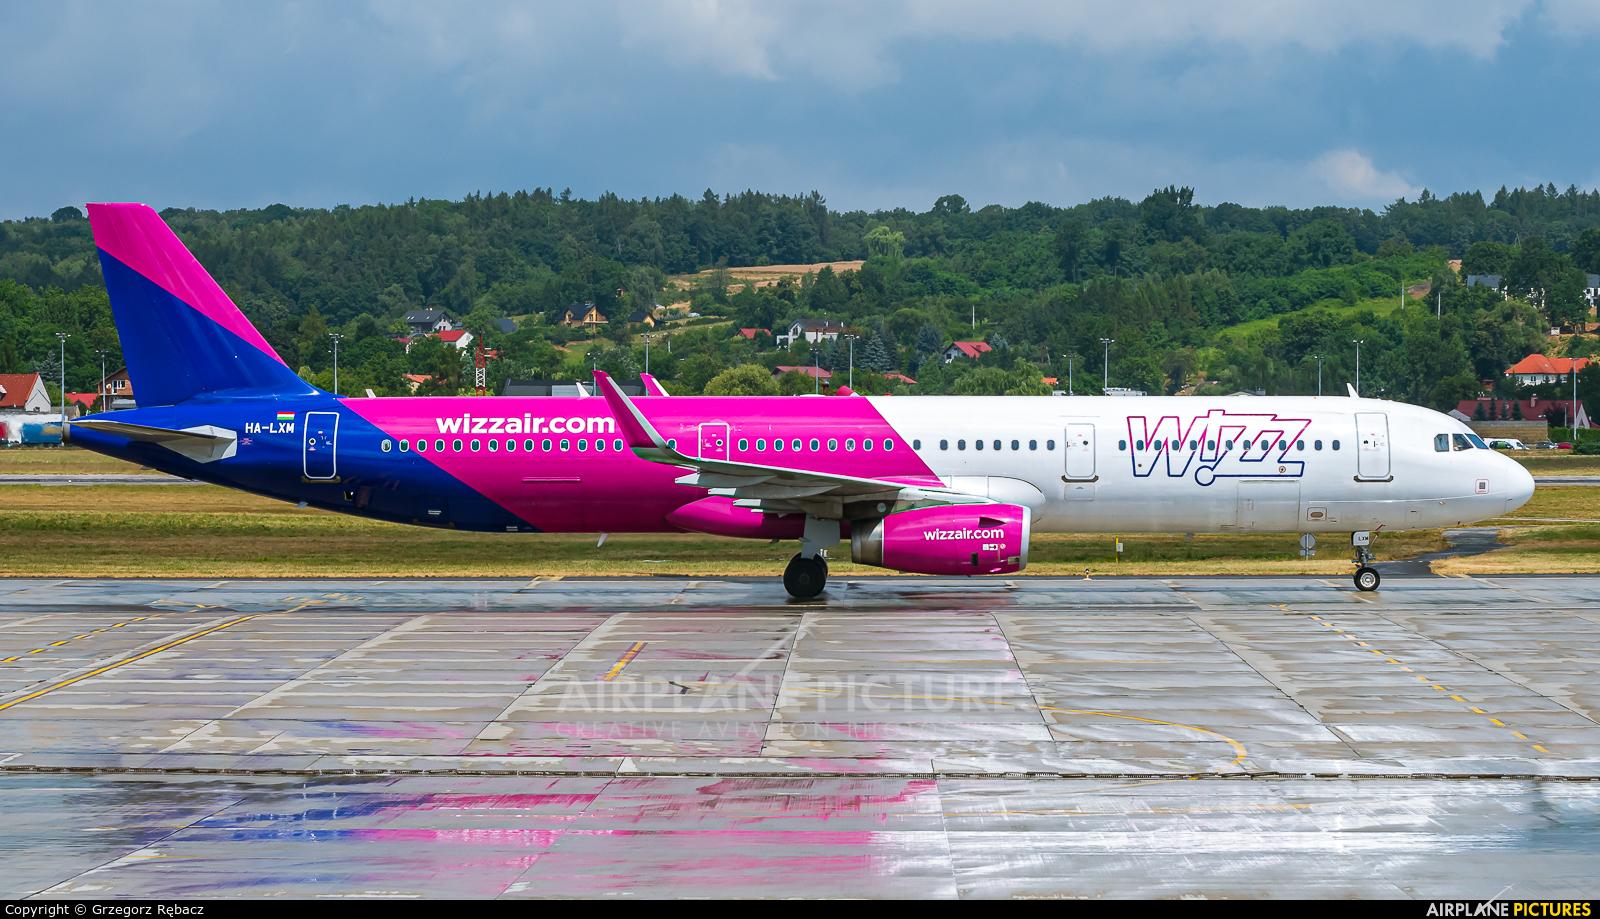 Wizz Air HA-LXM aircraft at Kraków - John Paul II Intl